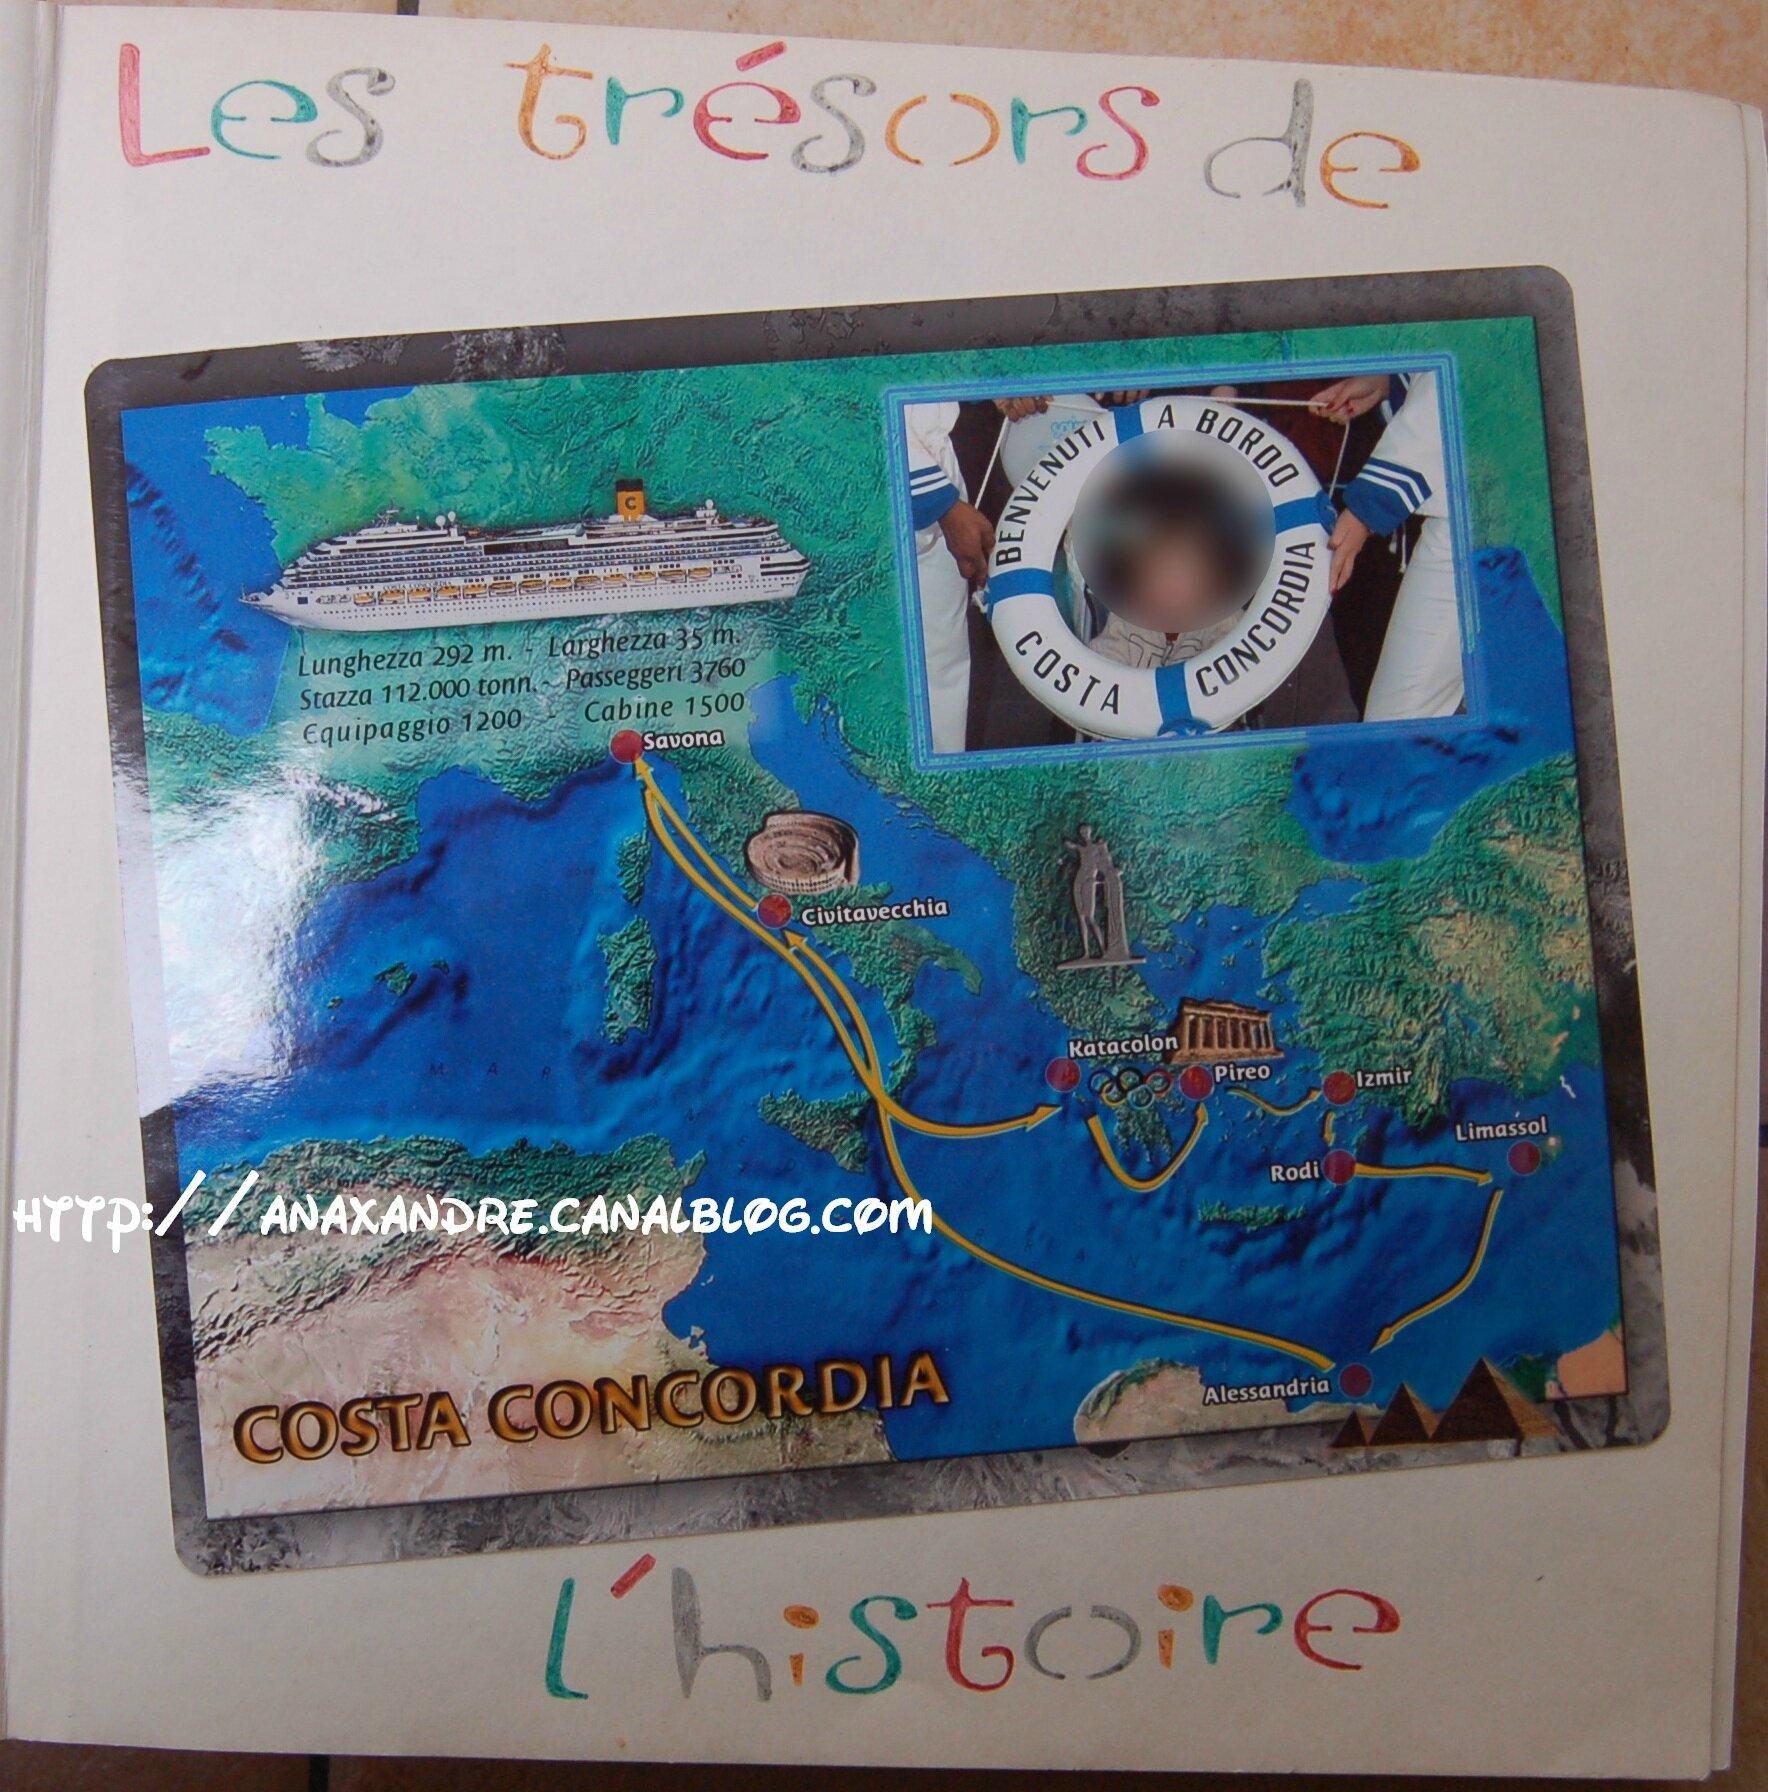 Costa Concordia 2006 (001)